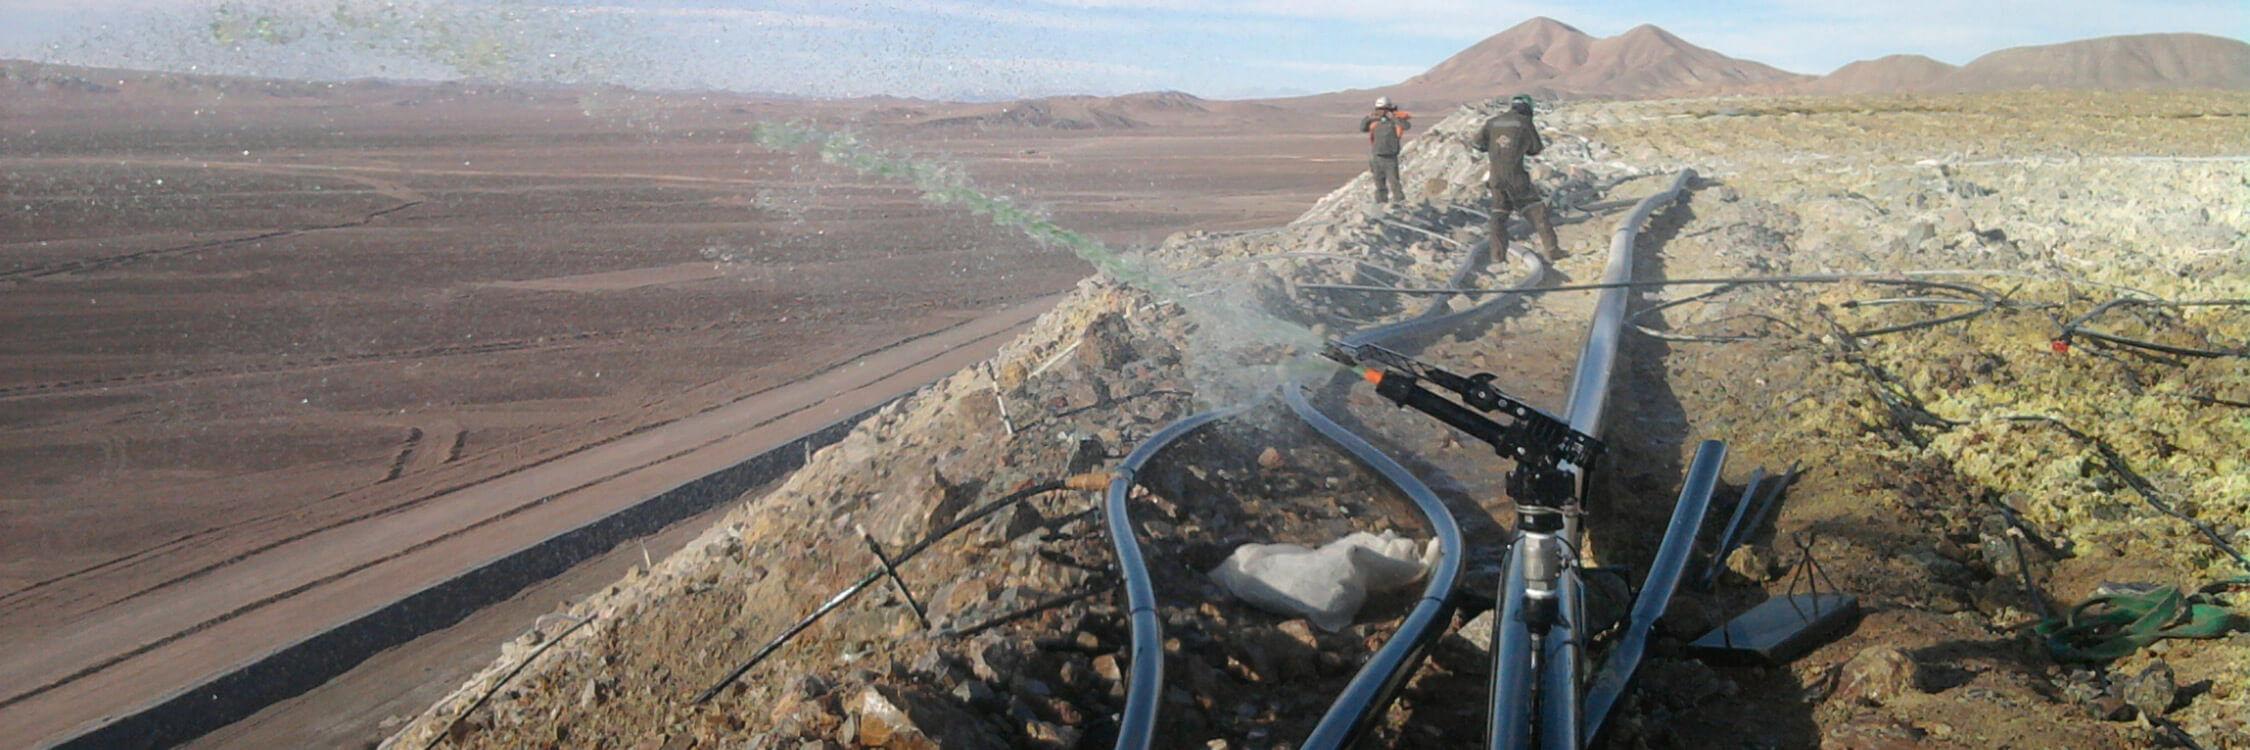 Leach-mining